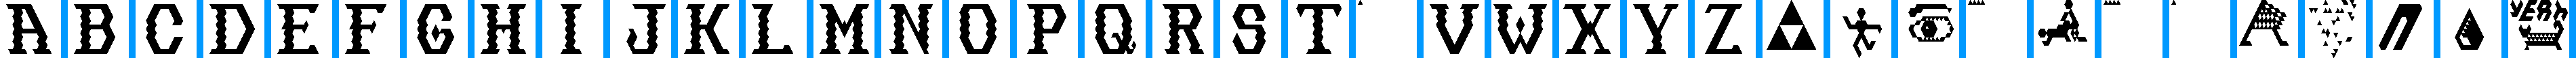 Particip-a-type v.212